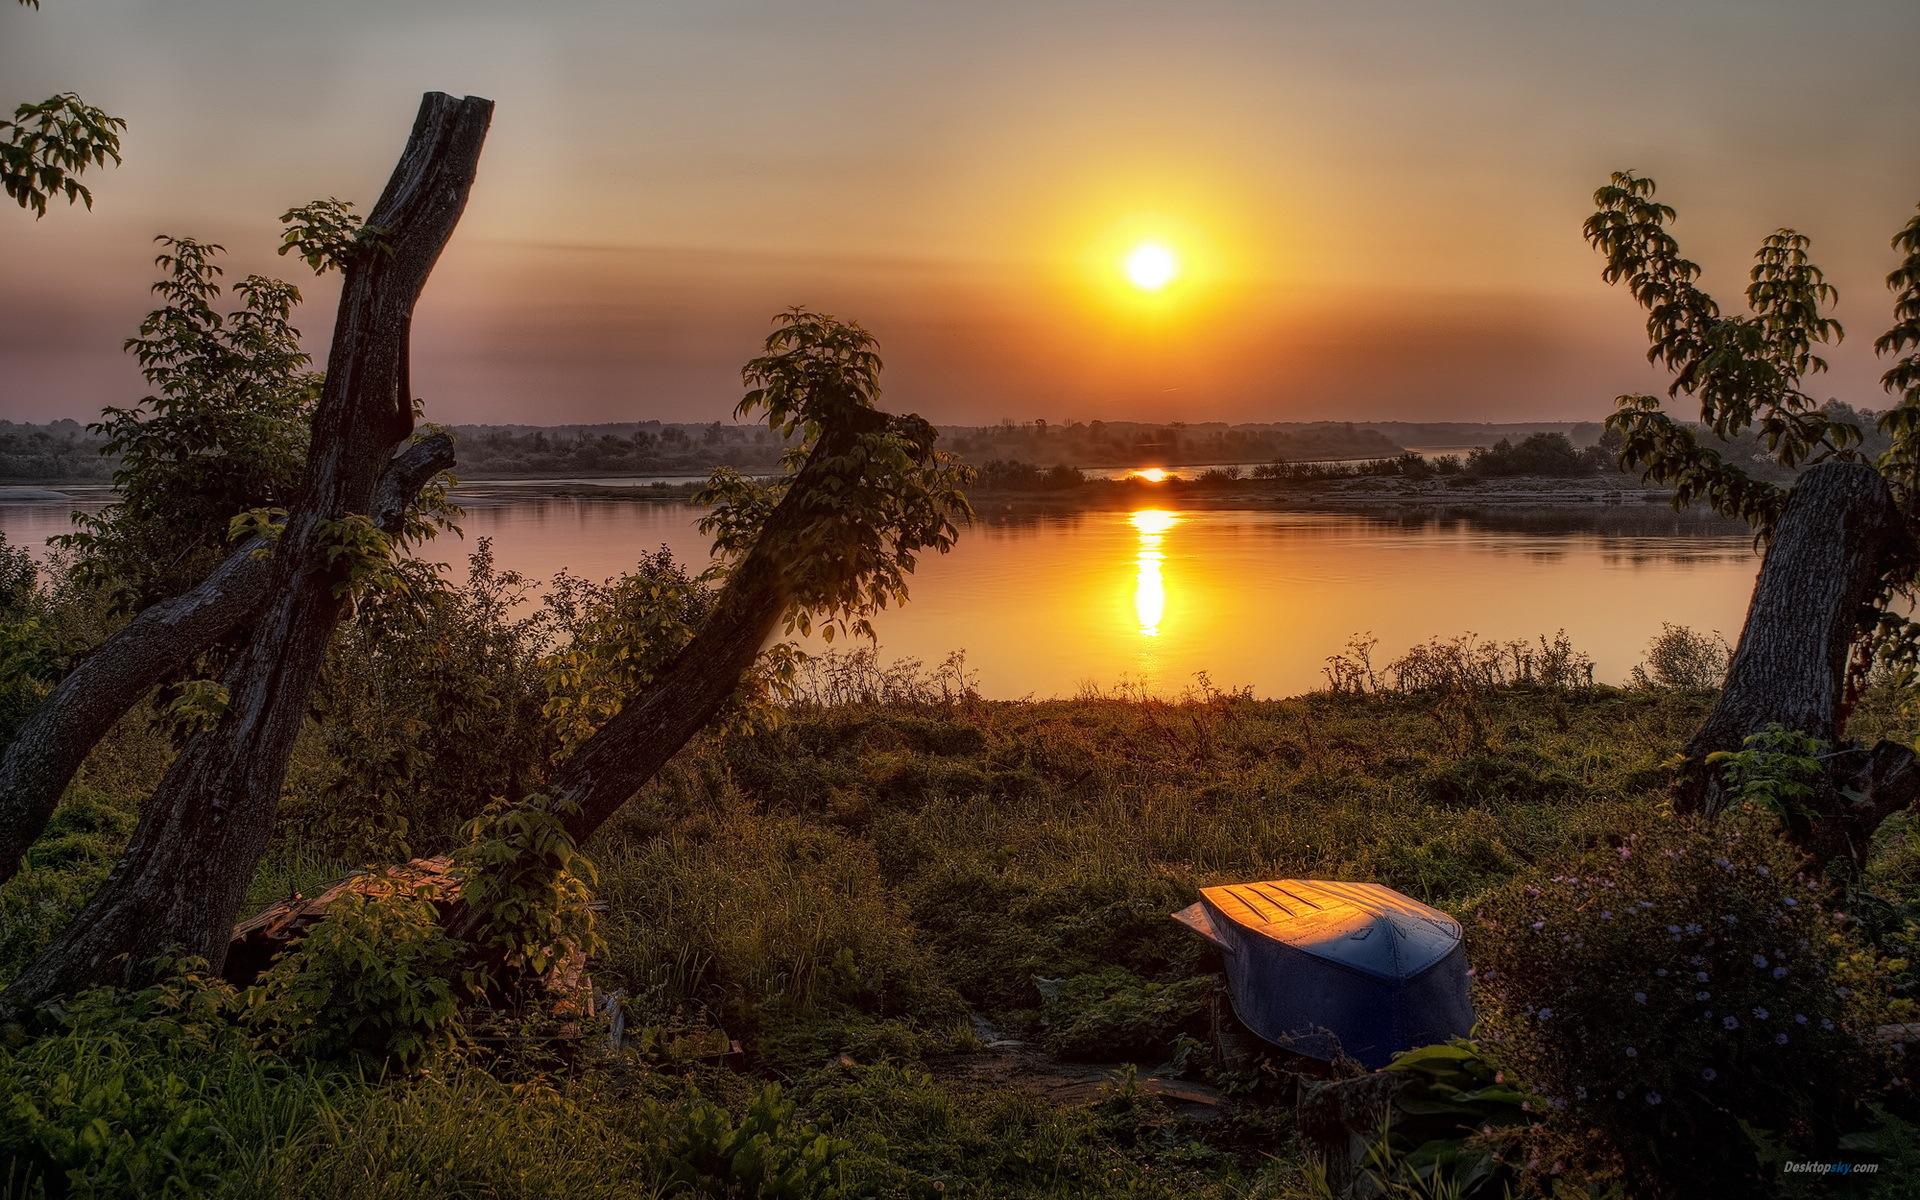 欧美摄影师拍摄的夏季清新风景图片(一)